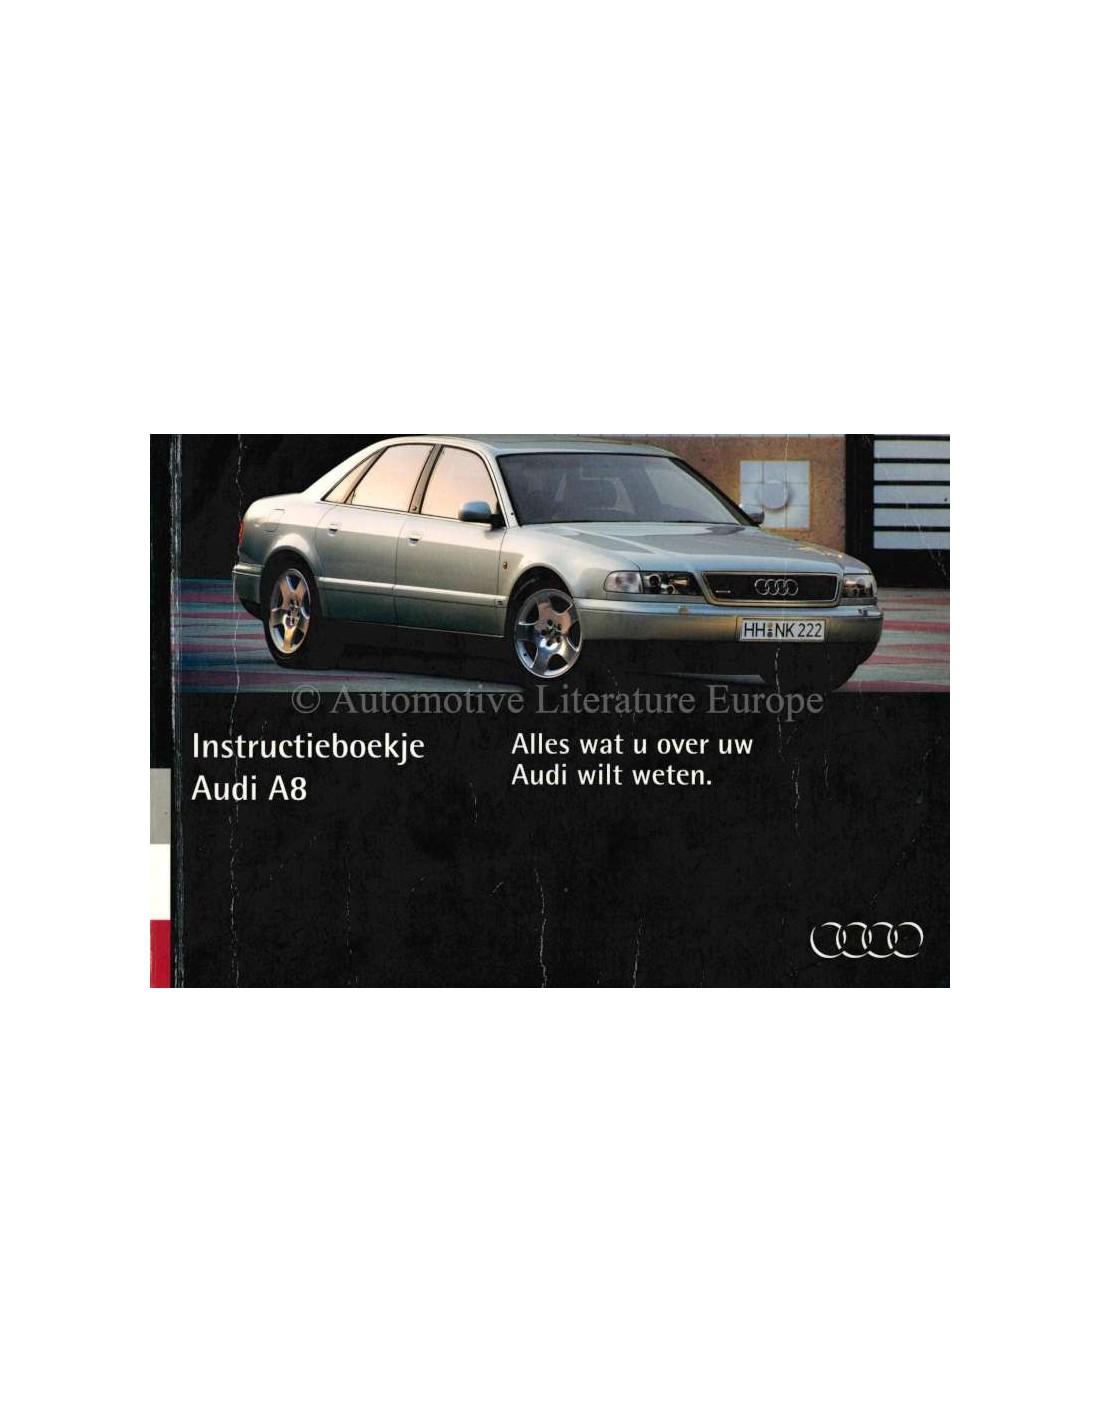 1994 audi a4 owners manual dutch rh autolit eu Audi Cars 2014 Audi A4